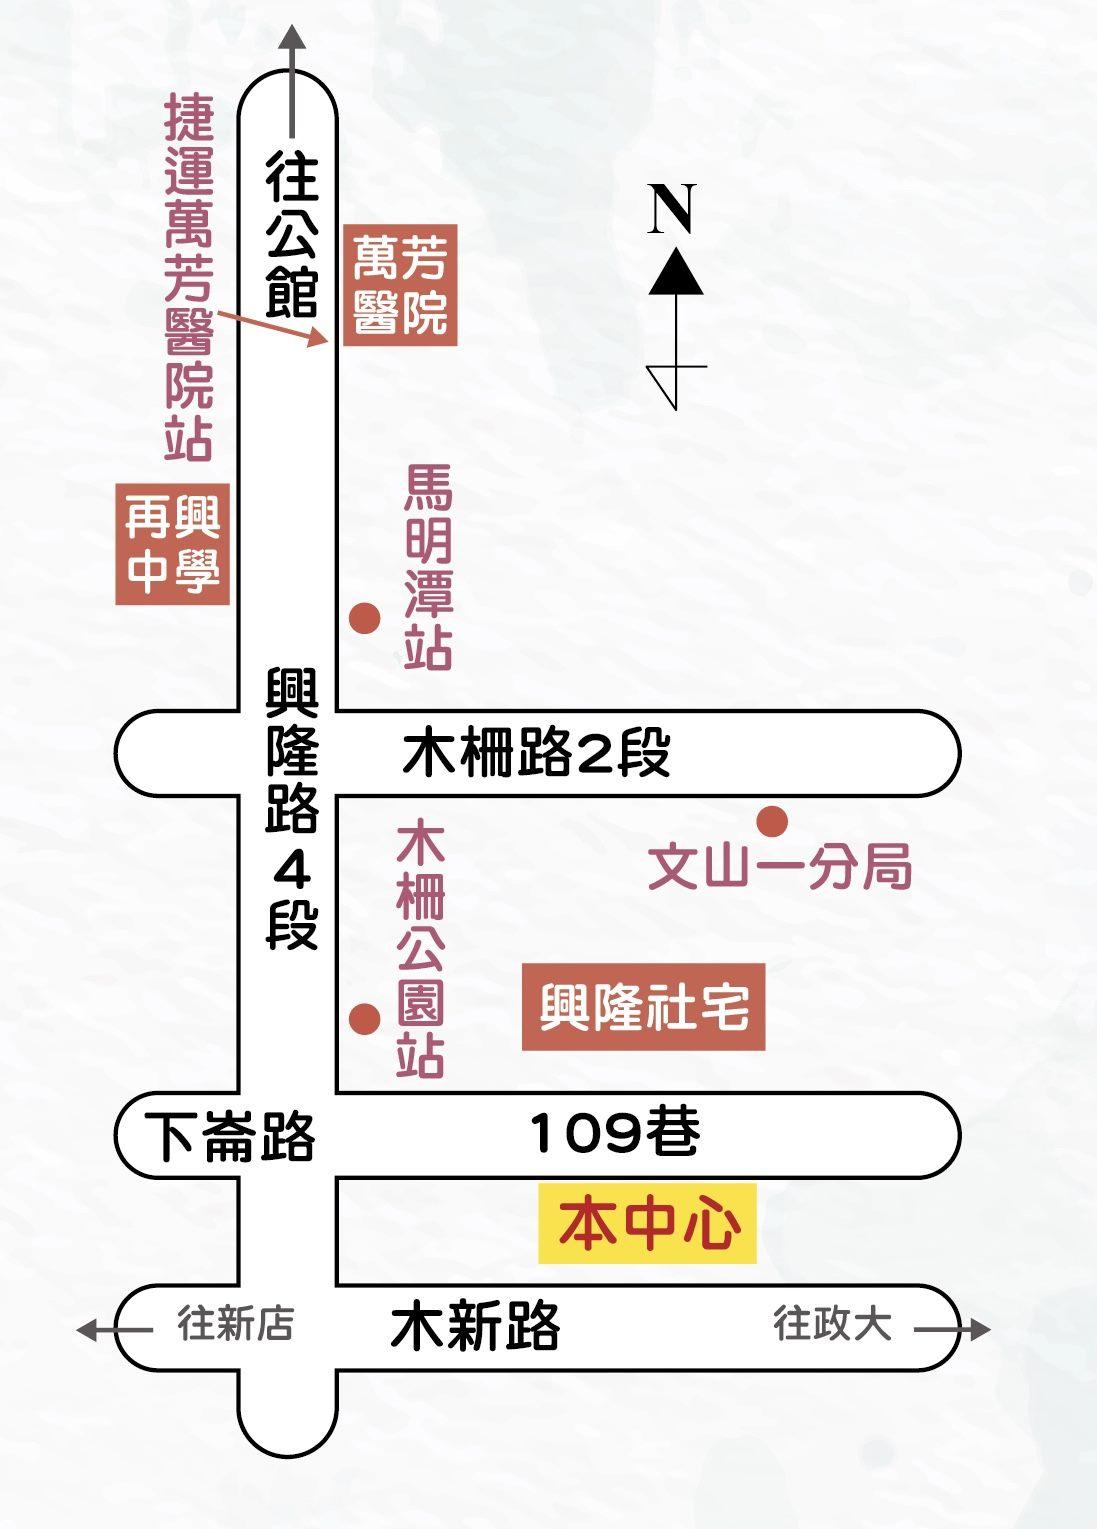 中心位置及交通指南